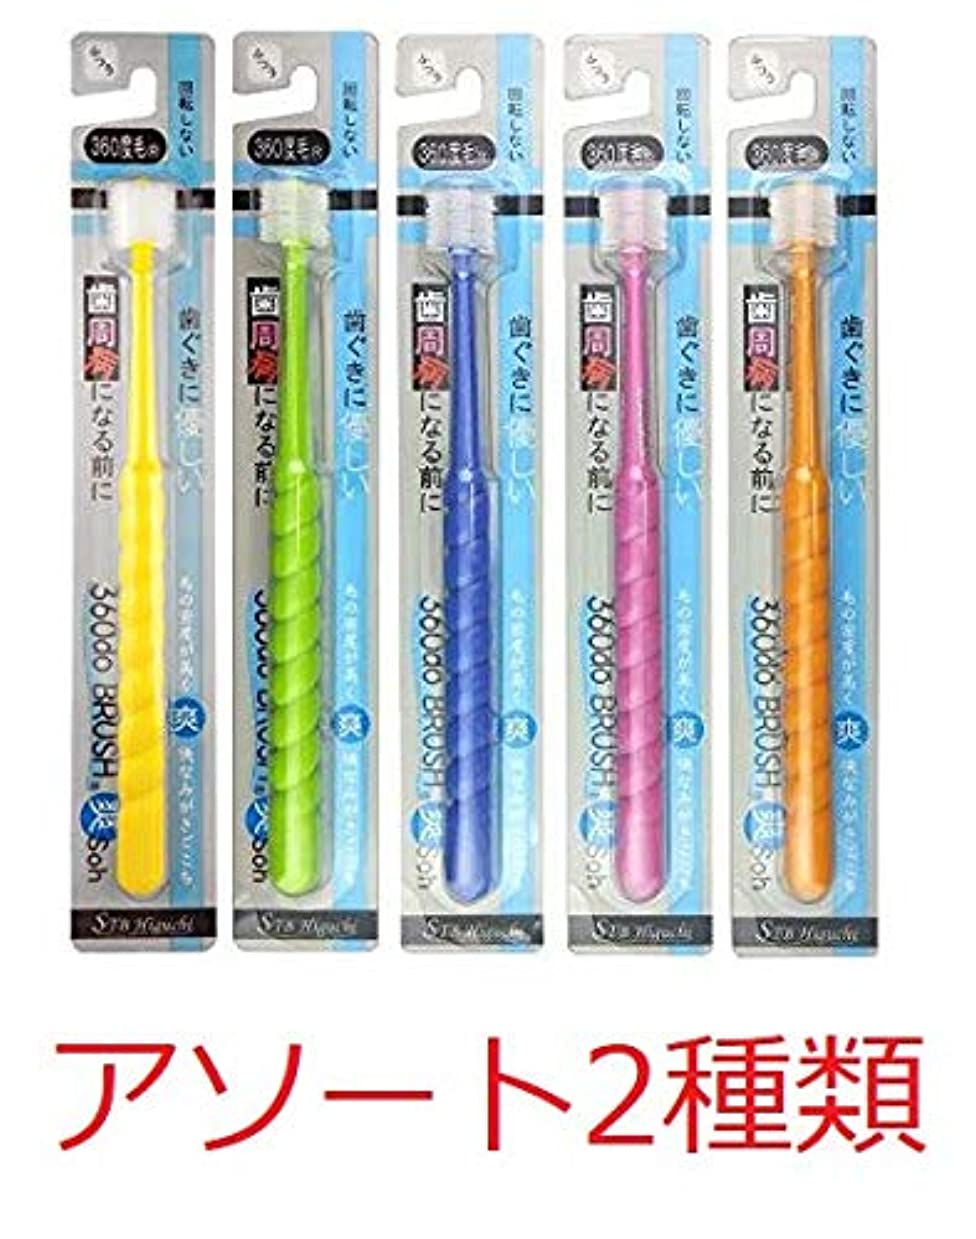 開いた劣る極小360度歯ブラシ 360do BRUSH 爽(SOH)2個セット (カラーは2色おまかせ)